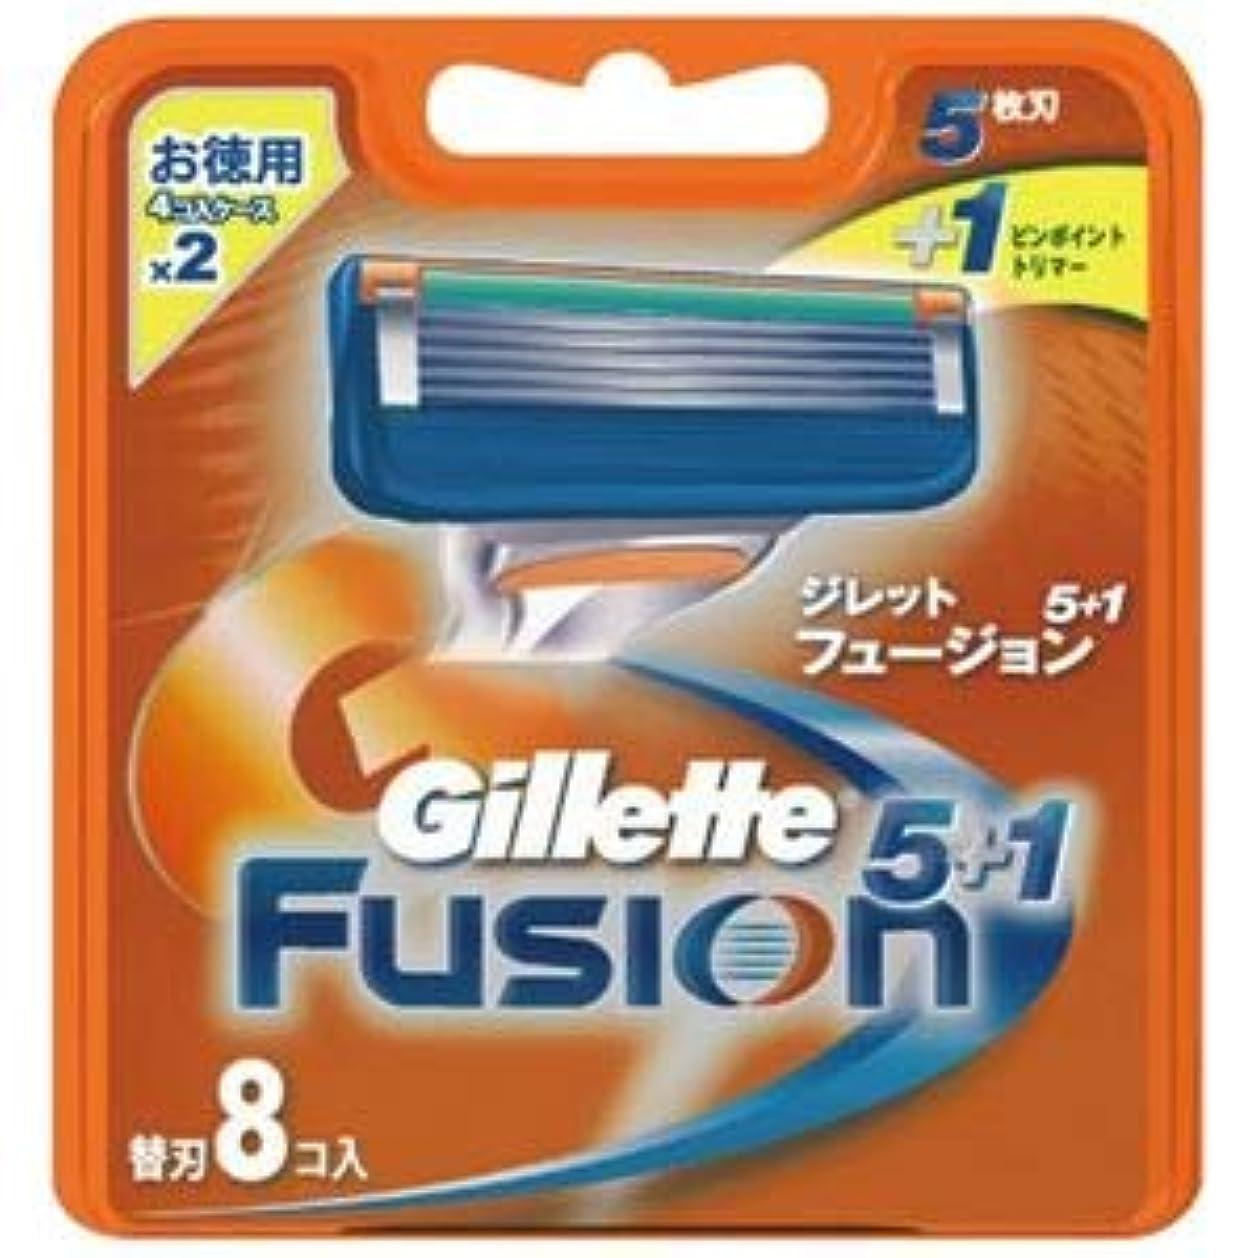 チューリップ区別するキャンバスジレット フュージョン5+1替刃8B ×1点